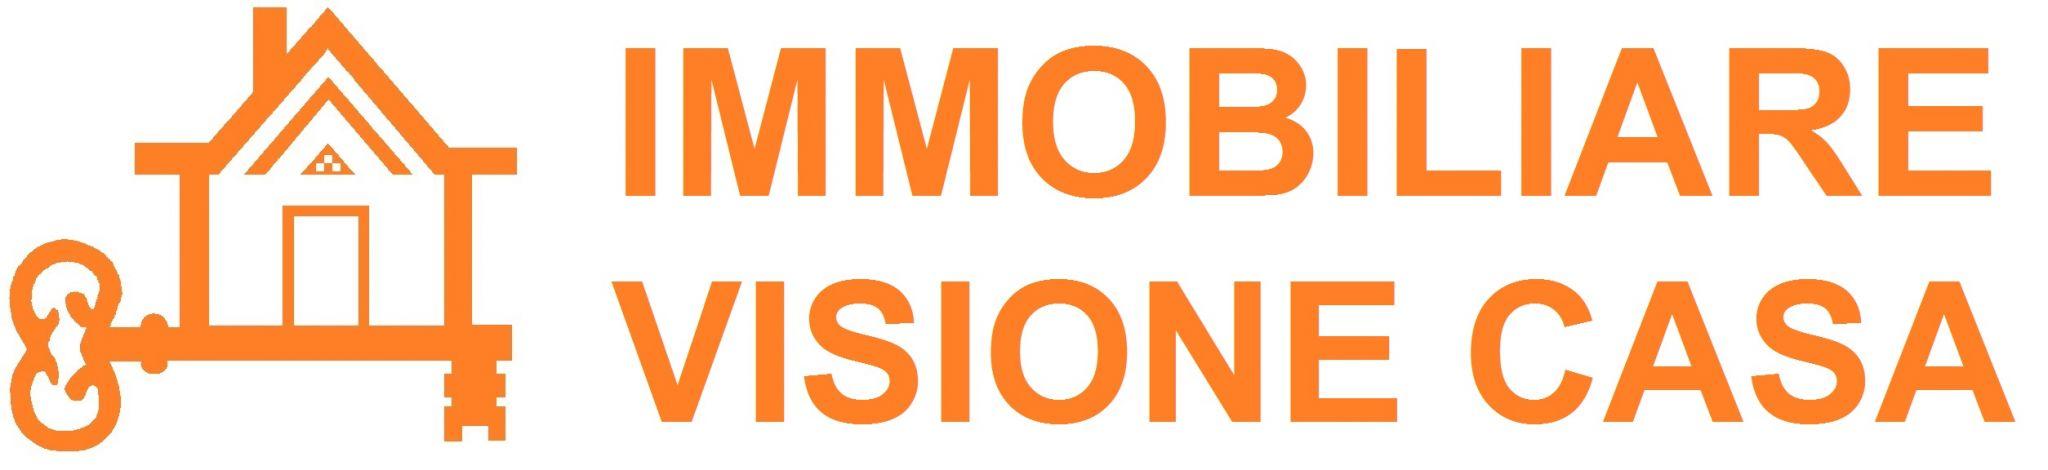 VISIONE CASA Agenzia Immobiliare